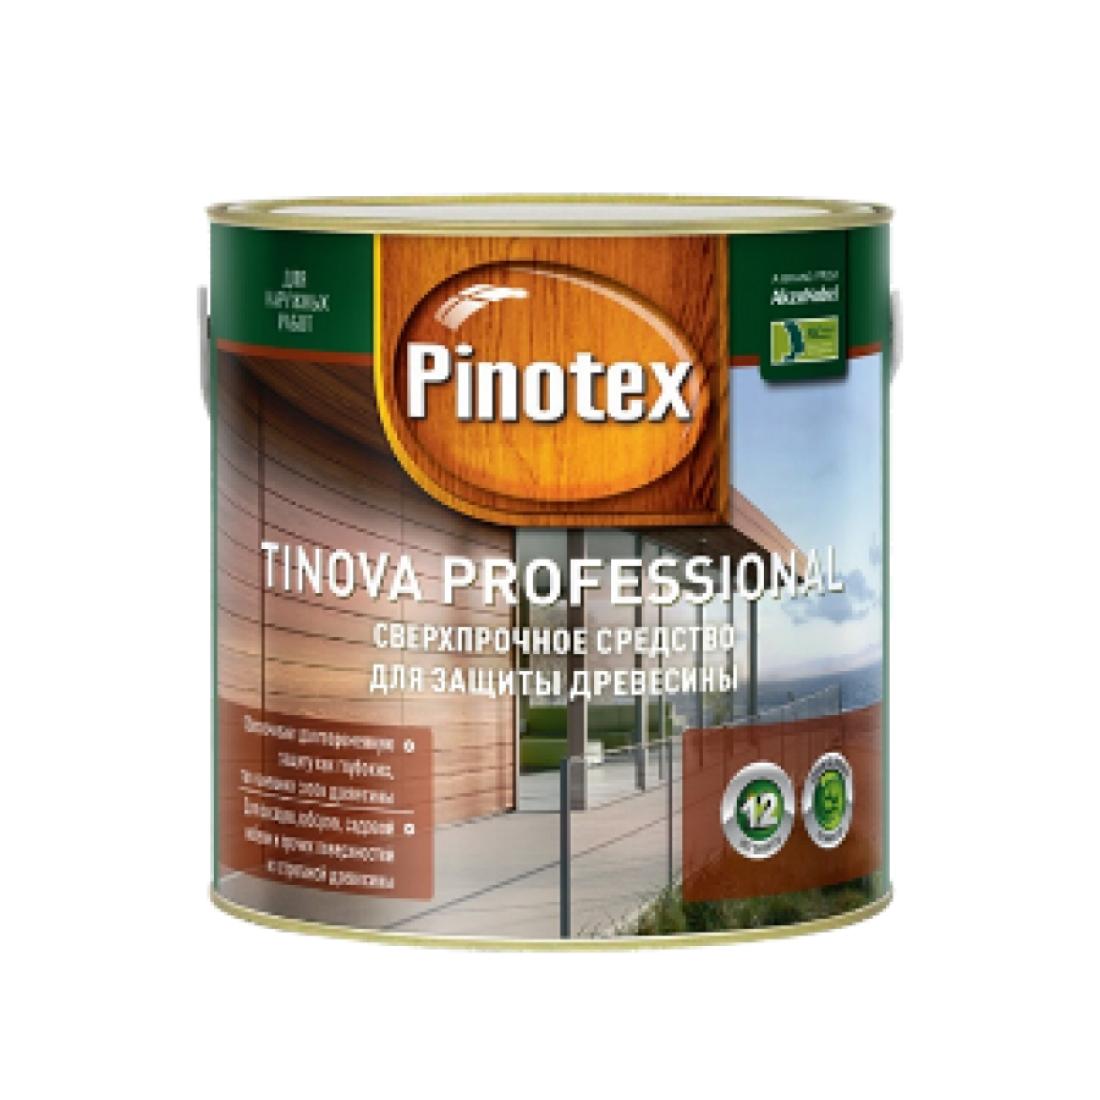 PINOTEX TINOVA цветной антисептик для профессиональной защиты, гарантия 12 лет! (0,75 л) Махагон